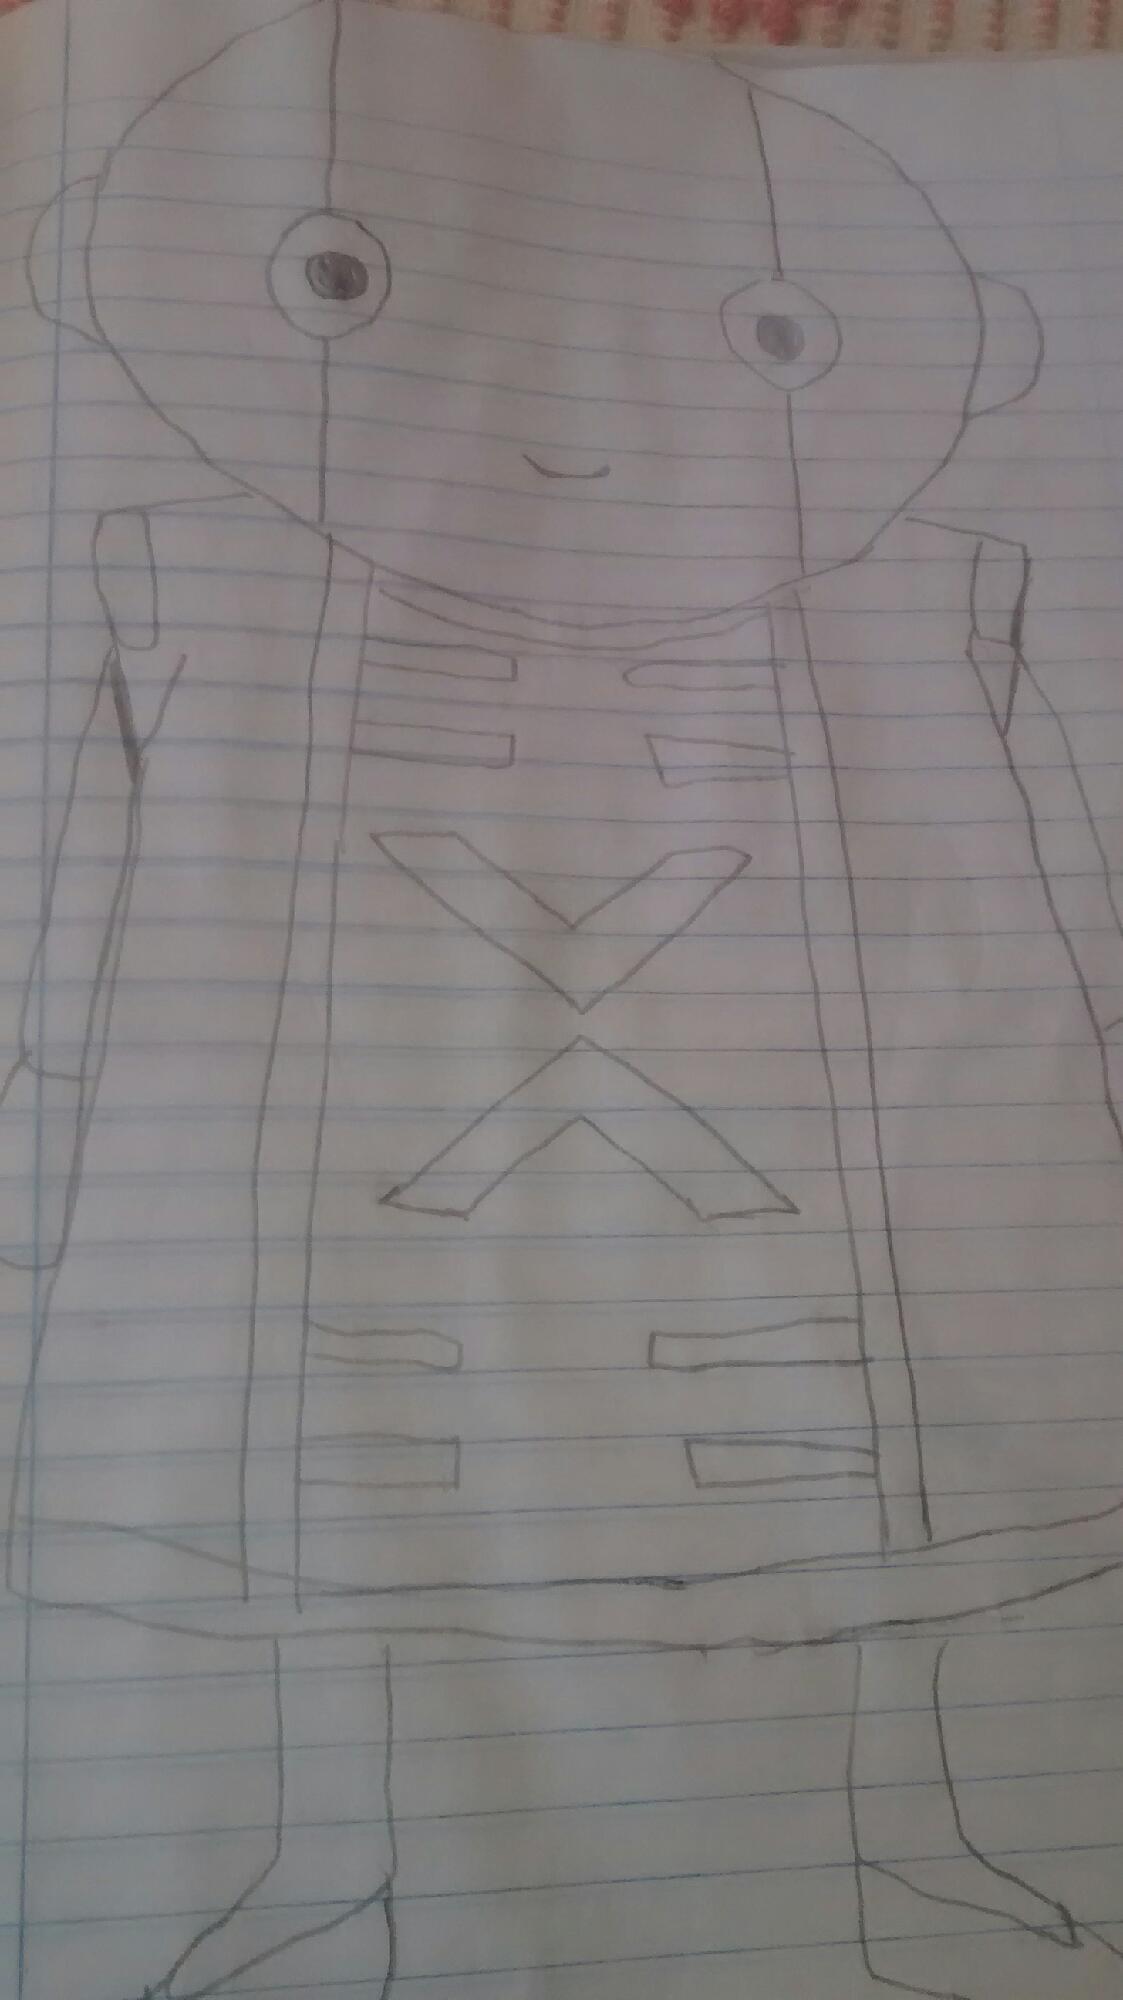 Olha o que o meu amigo desenhou